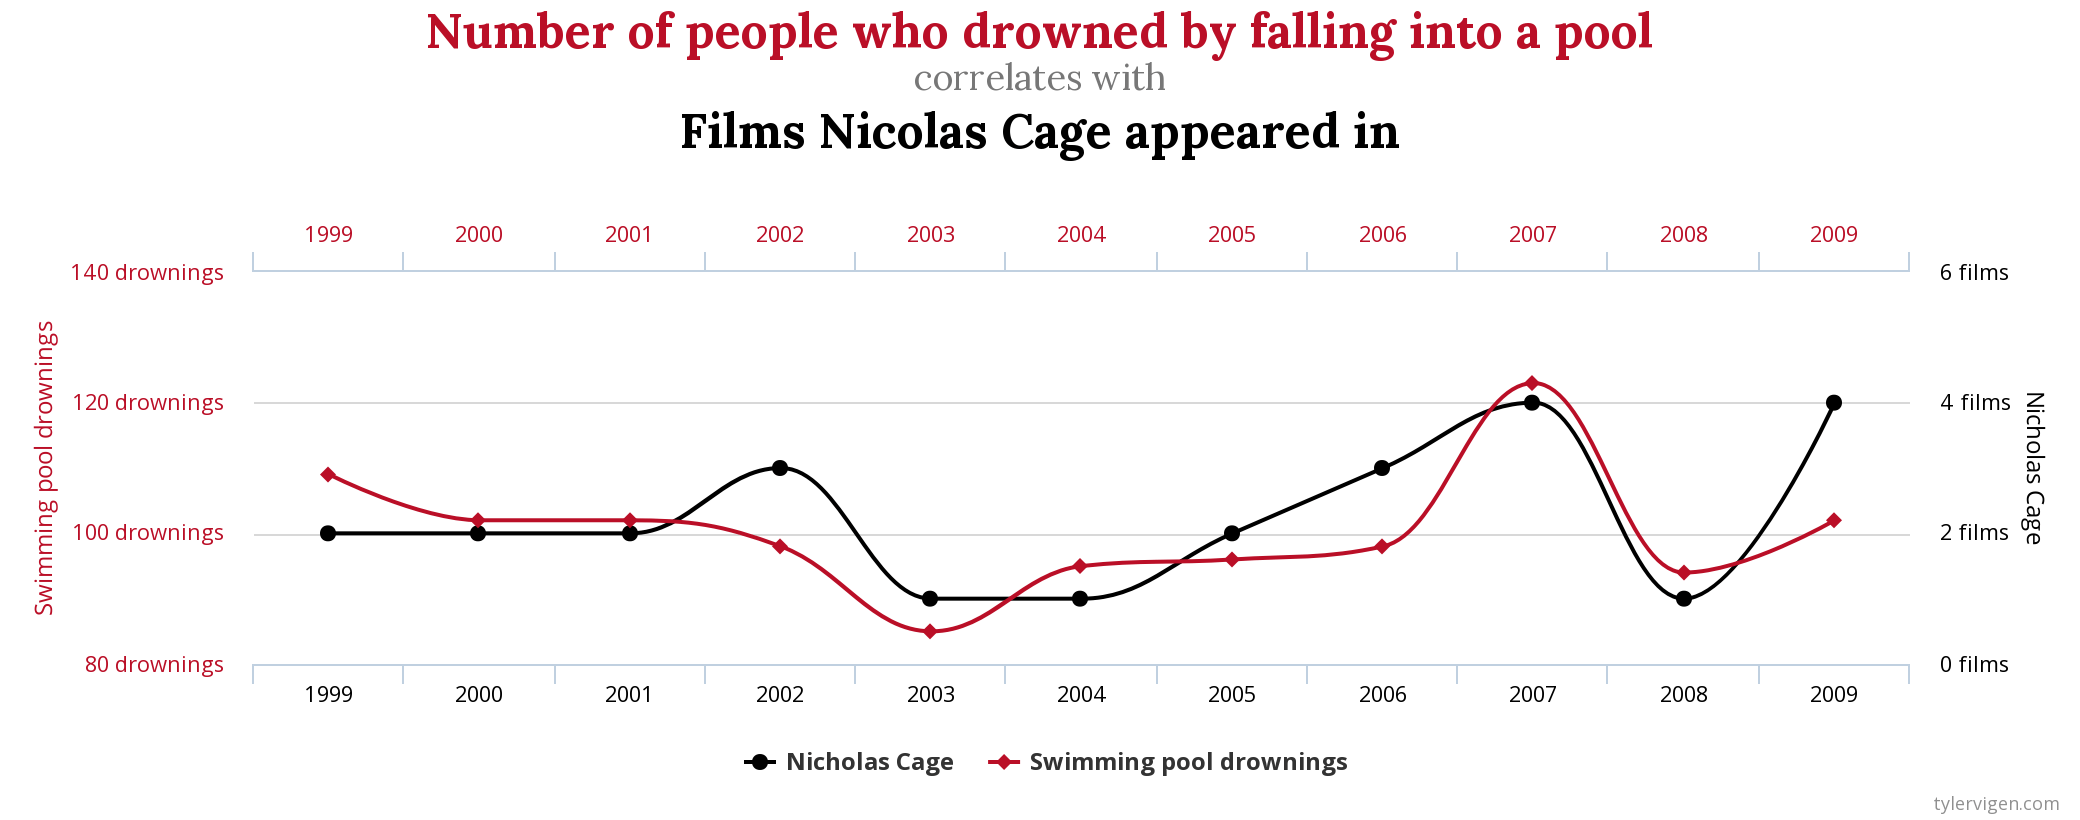 ニコラス・ケイジの出演数とプールでの溺死数